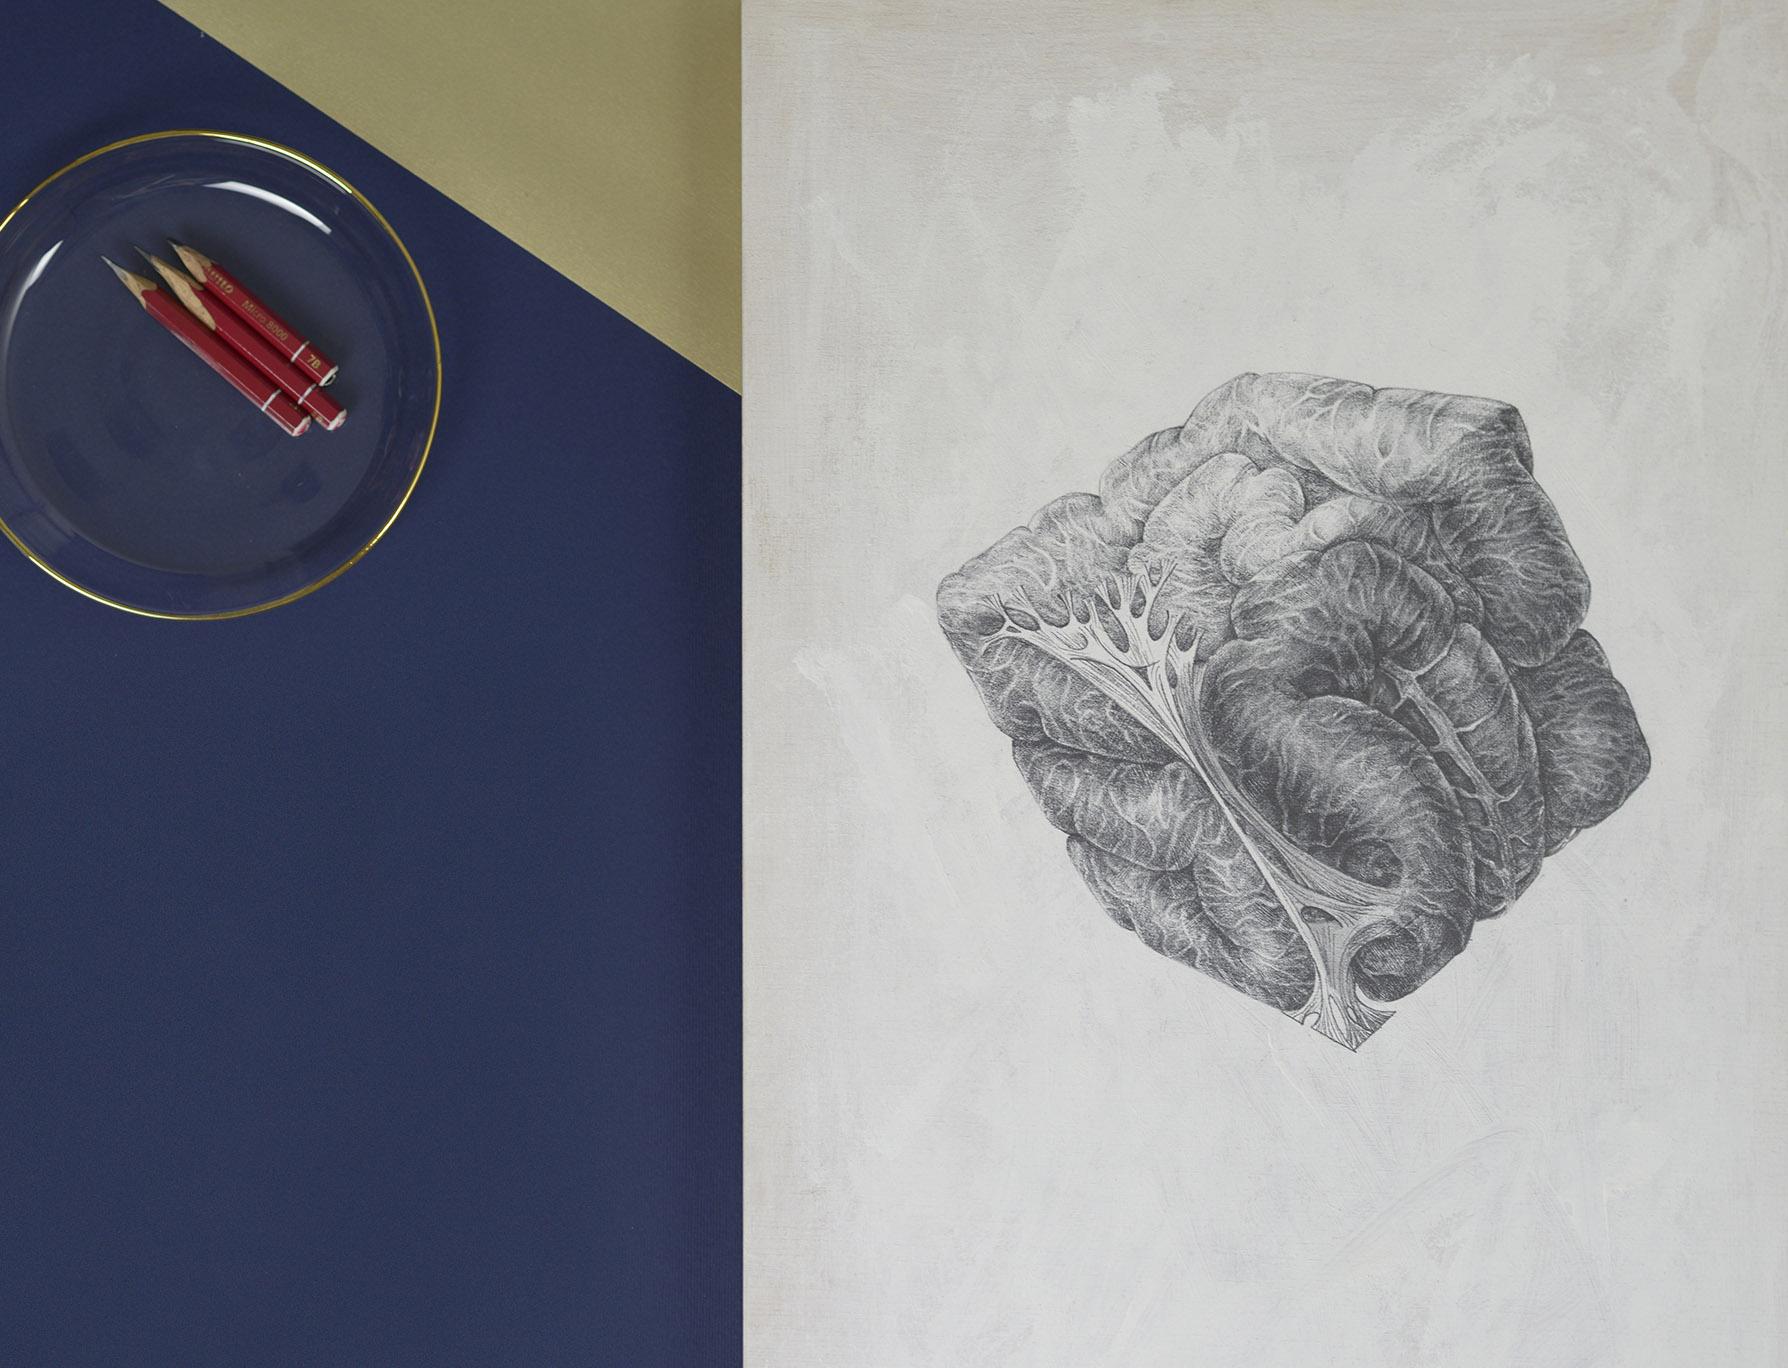 cubo obra de arte hecha con lapiz de grafito por giselle vitali